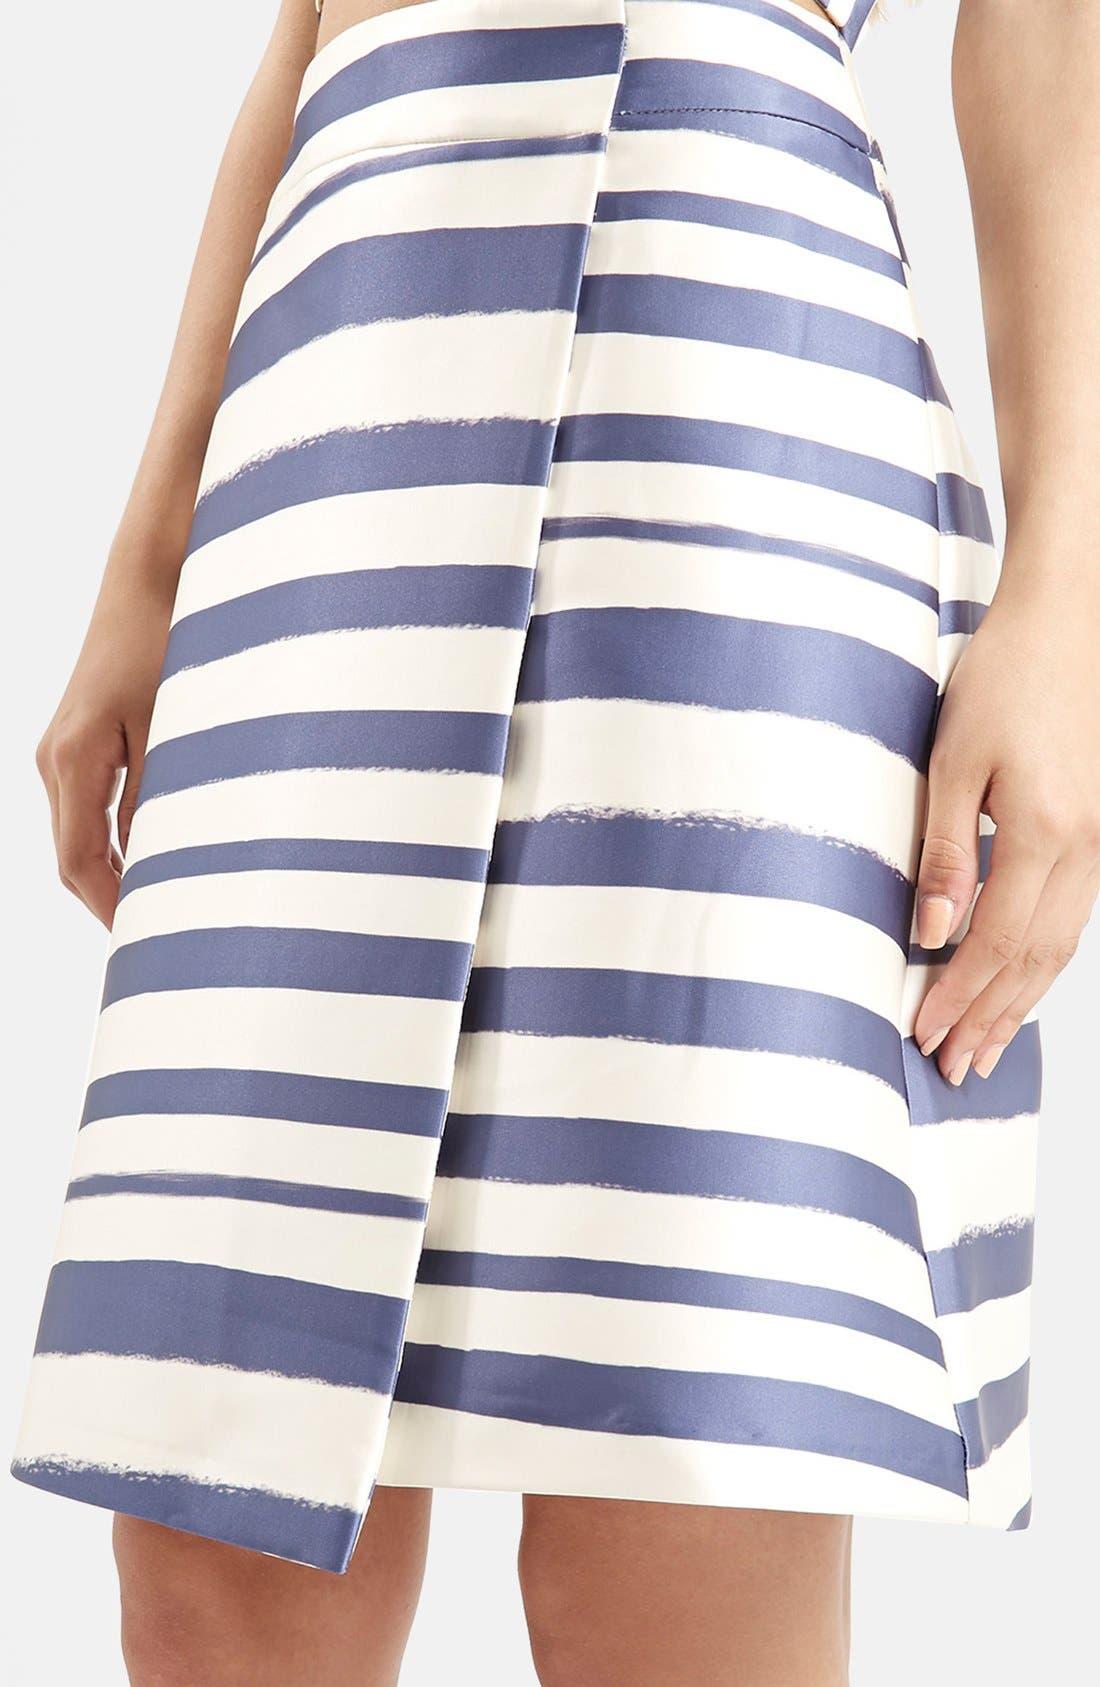 Stripe Midi Skirt,                             Alternate thumbnail 5, color,                             Navy Blue Multi